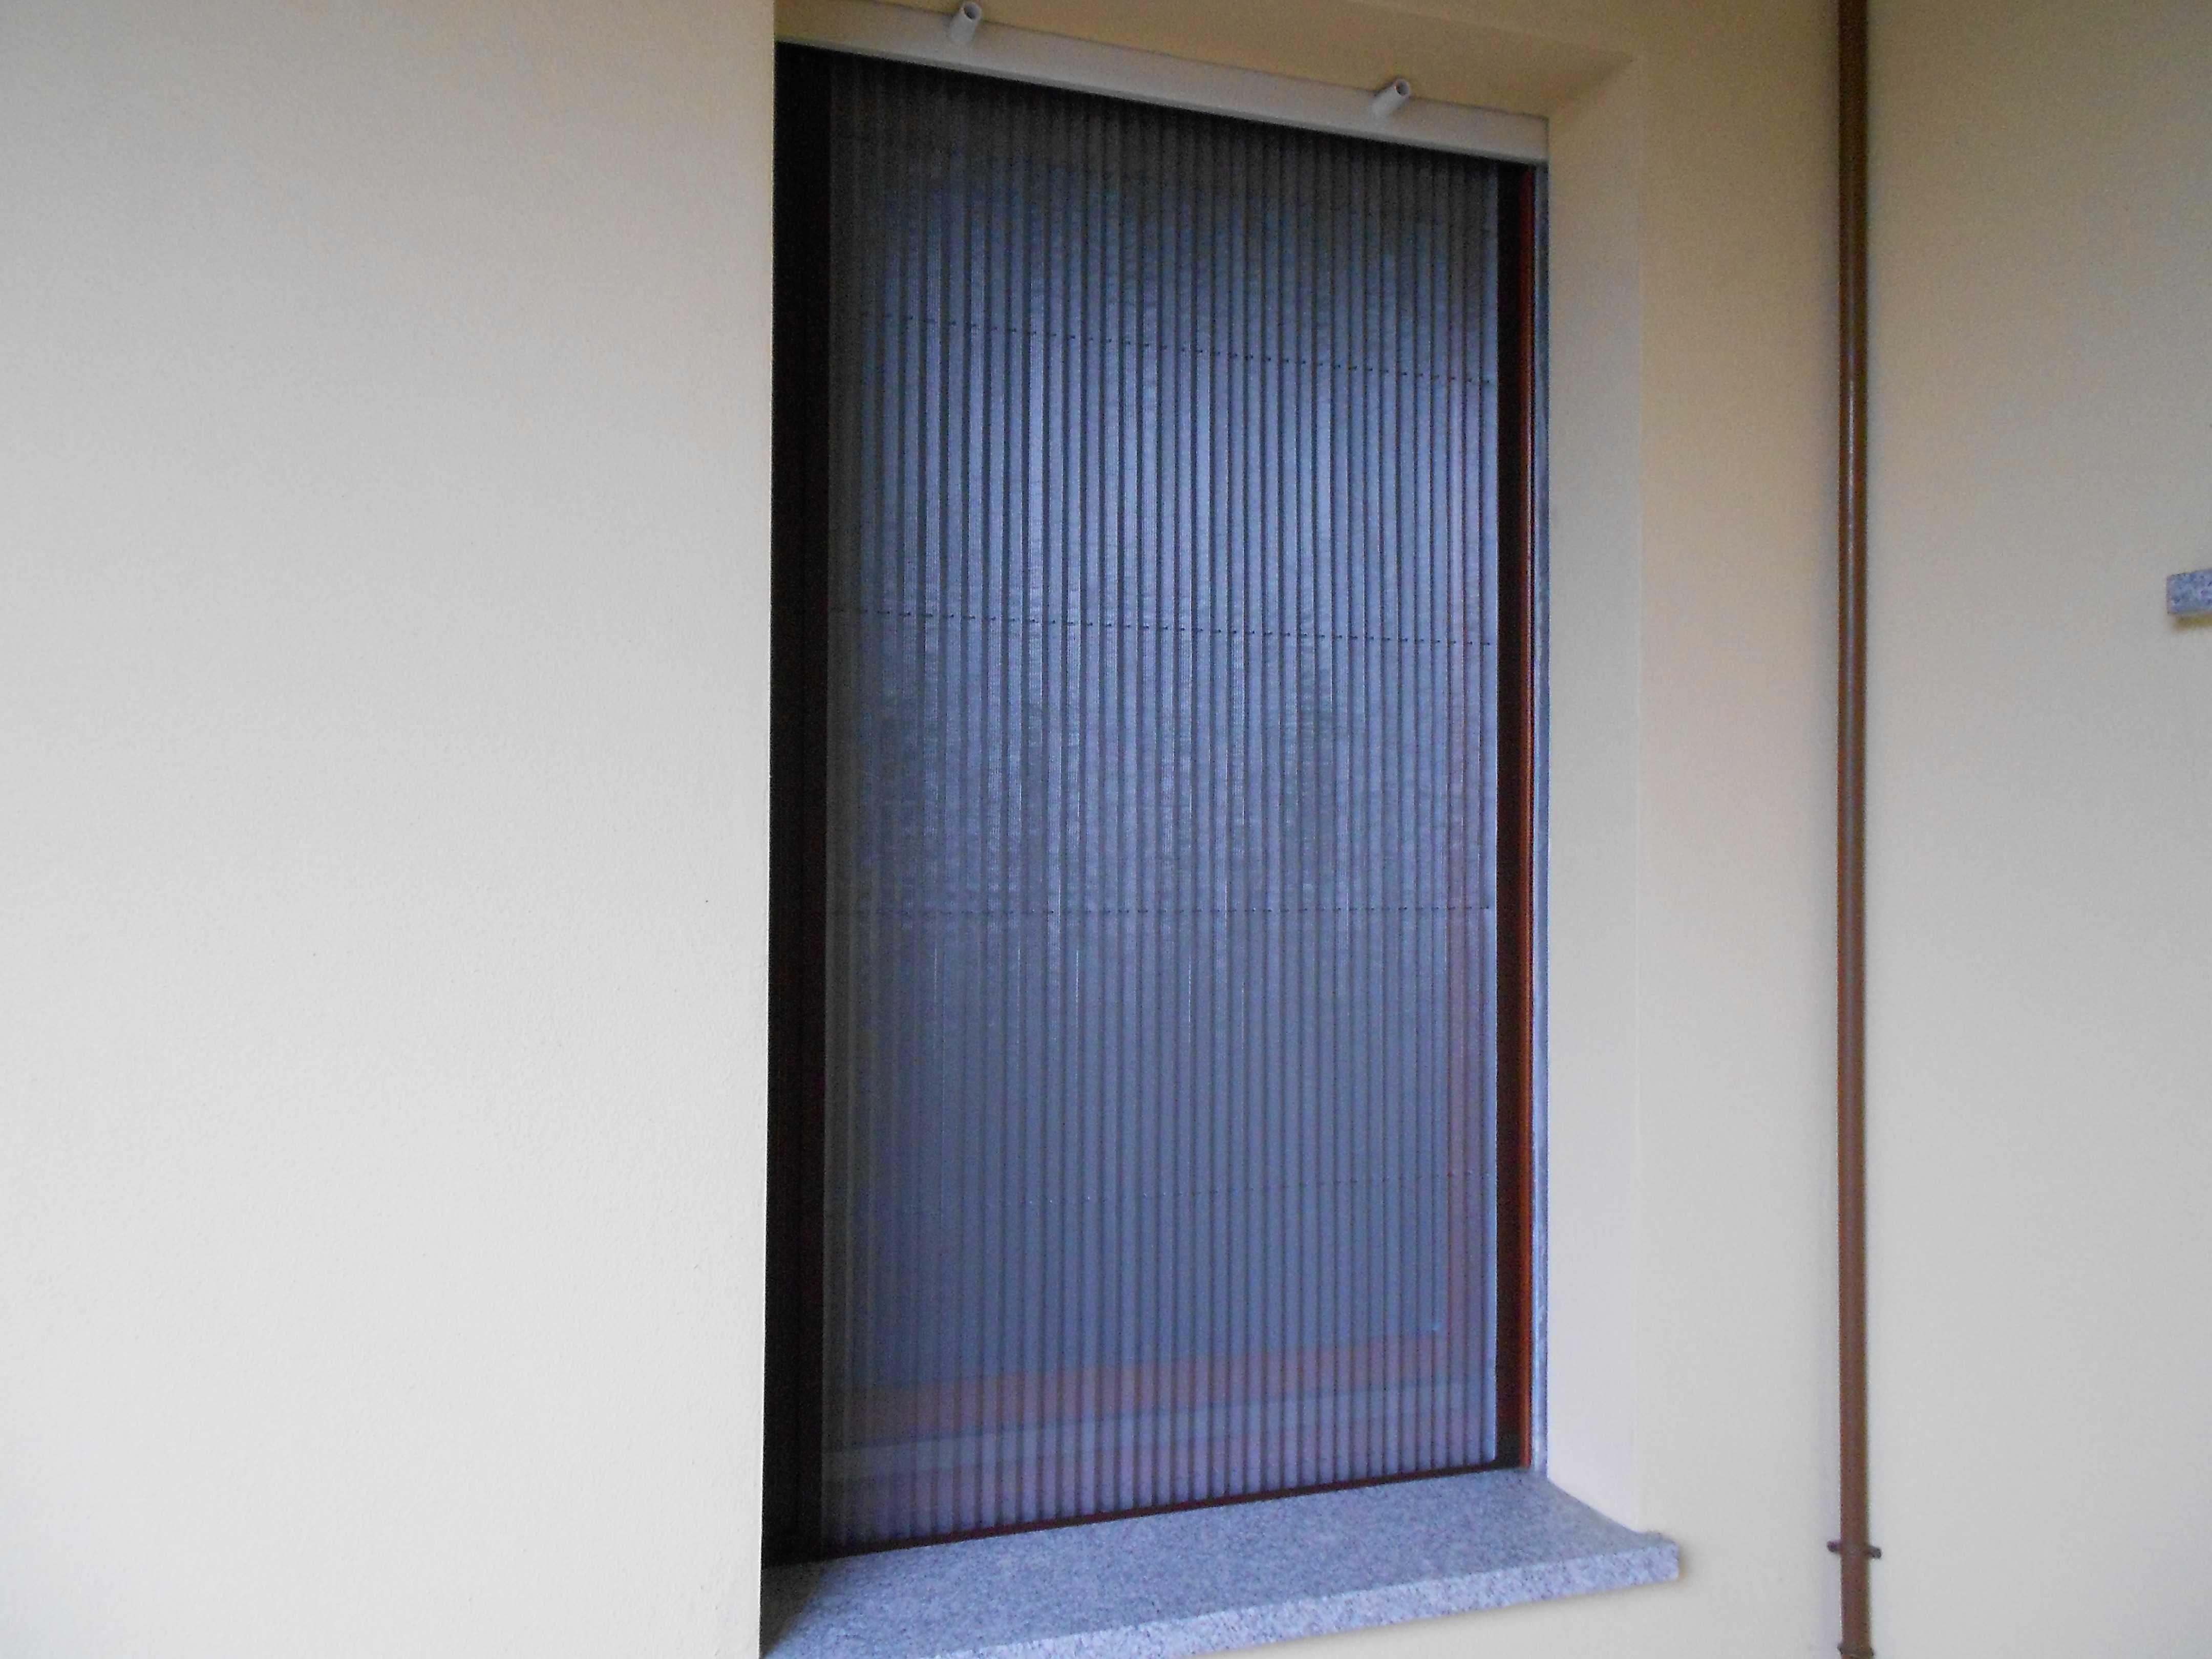 Zanzariere plissettate perfette per respingere il calore e per proteggere la privacy rete - Pellicola riflettente per finestre ...